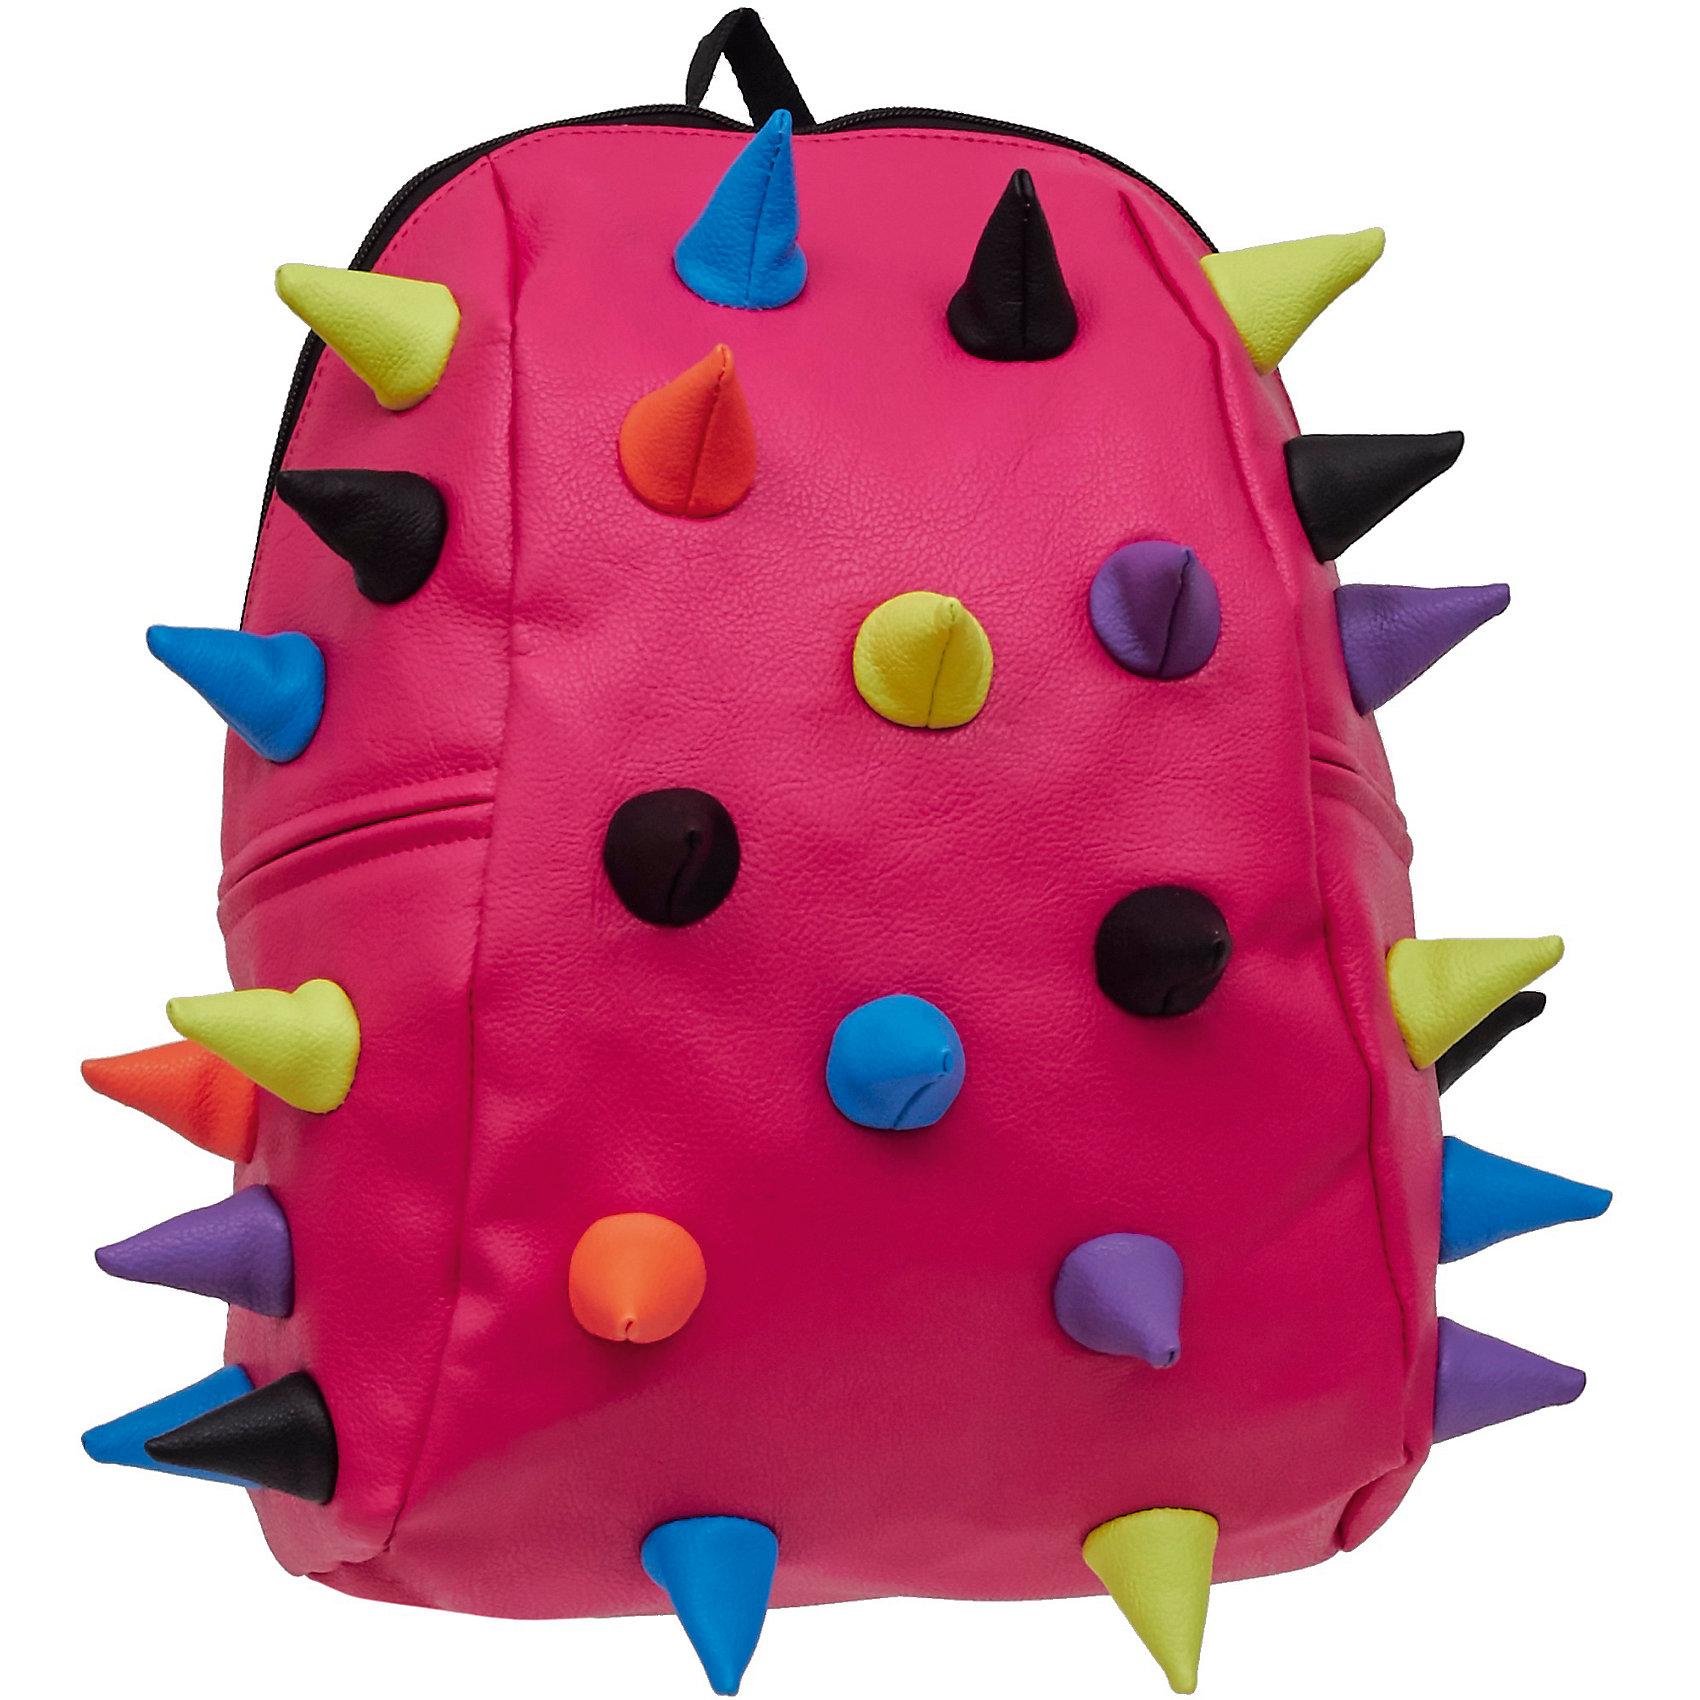 Рюкзак Rex 2 Half Streamers, цвет розовый мультиРюкзаки<br>Легкий и вместительный рюкзак с одним основным отделением с застежкой на молниии. В основное отделение с легкостью входит ноутбук  размером диагонали 13 дюймов, iPad и формат А4. Незаменимый аксессуар как для активного городского жителя, так и для школьников и студентов. Широкие лямки можно регулировать для наиболее удобной посадки, а мягкая ортопедическая спинка делает ношение наиболее удобным и комфортным.<br><br>Ширина мм: 36<br>Глубина мм: 31<br>Высота мм: 15<br>Вес г: 600<br>Возраст от месяцев: 84<br>Возраст до месяцев: 420<br>Пол: Унисекс<br>Возраст: Детский<br>SKU: 5344327